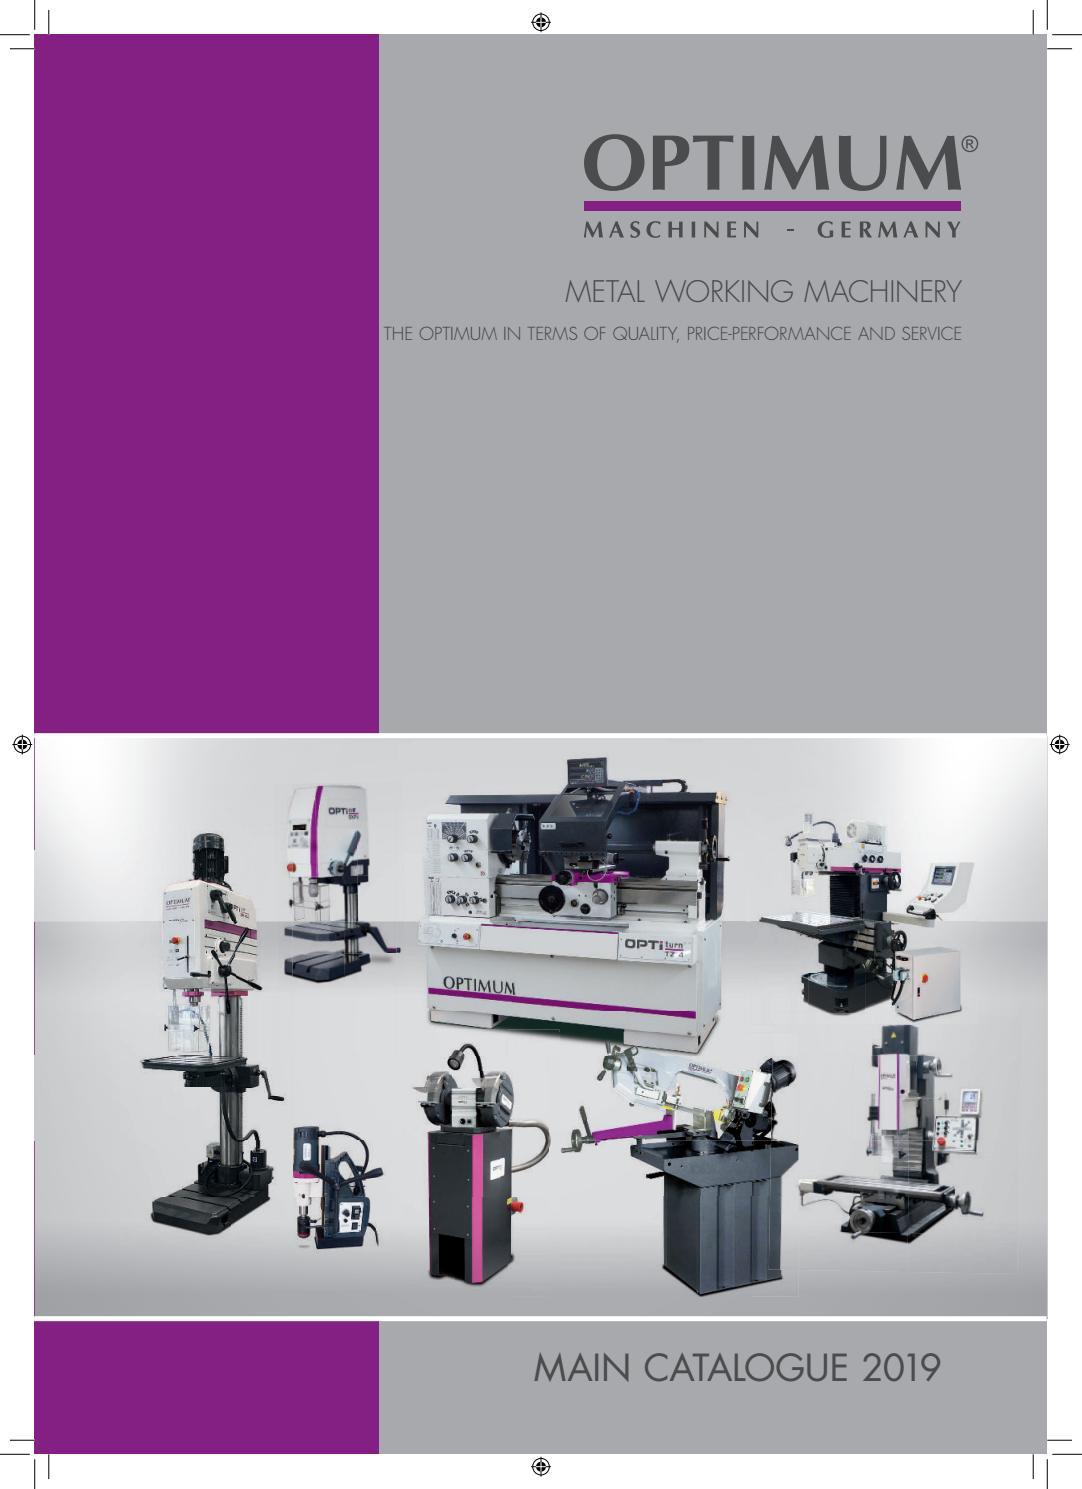 Optimum katalogus 2019 by ACCORD PLUS Kft  - issuu